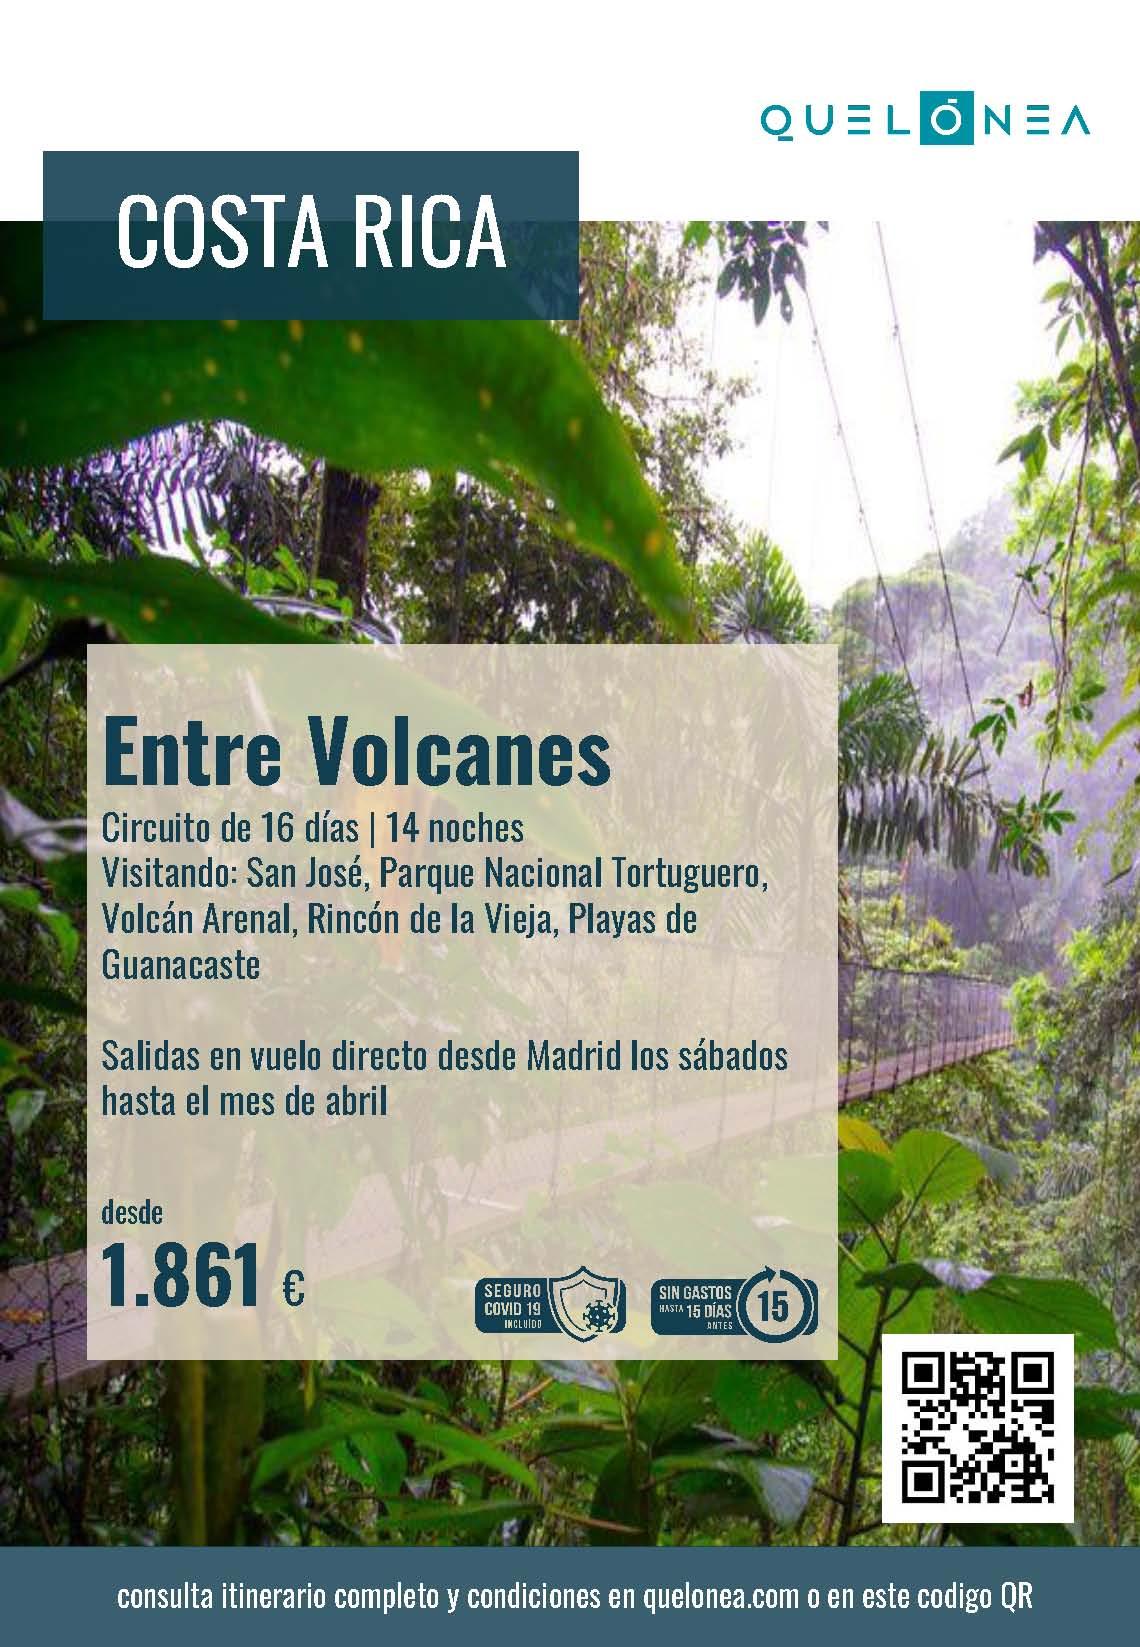 Ofertas Quelonea Costa Rica entre Volcanes 2021-2022 vuelo directo desde Madrid